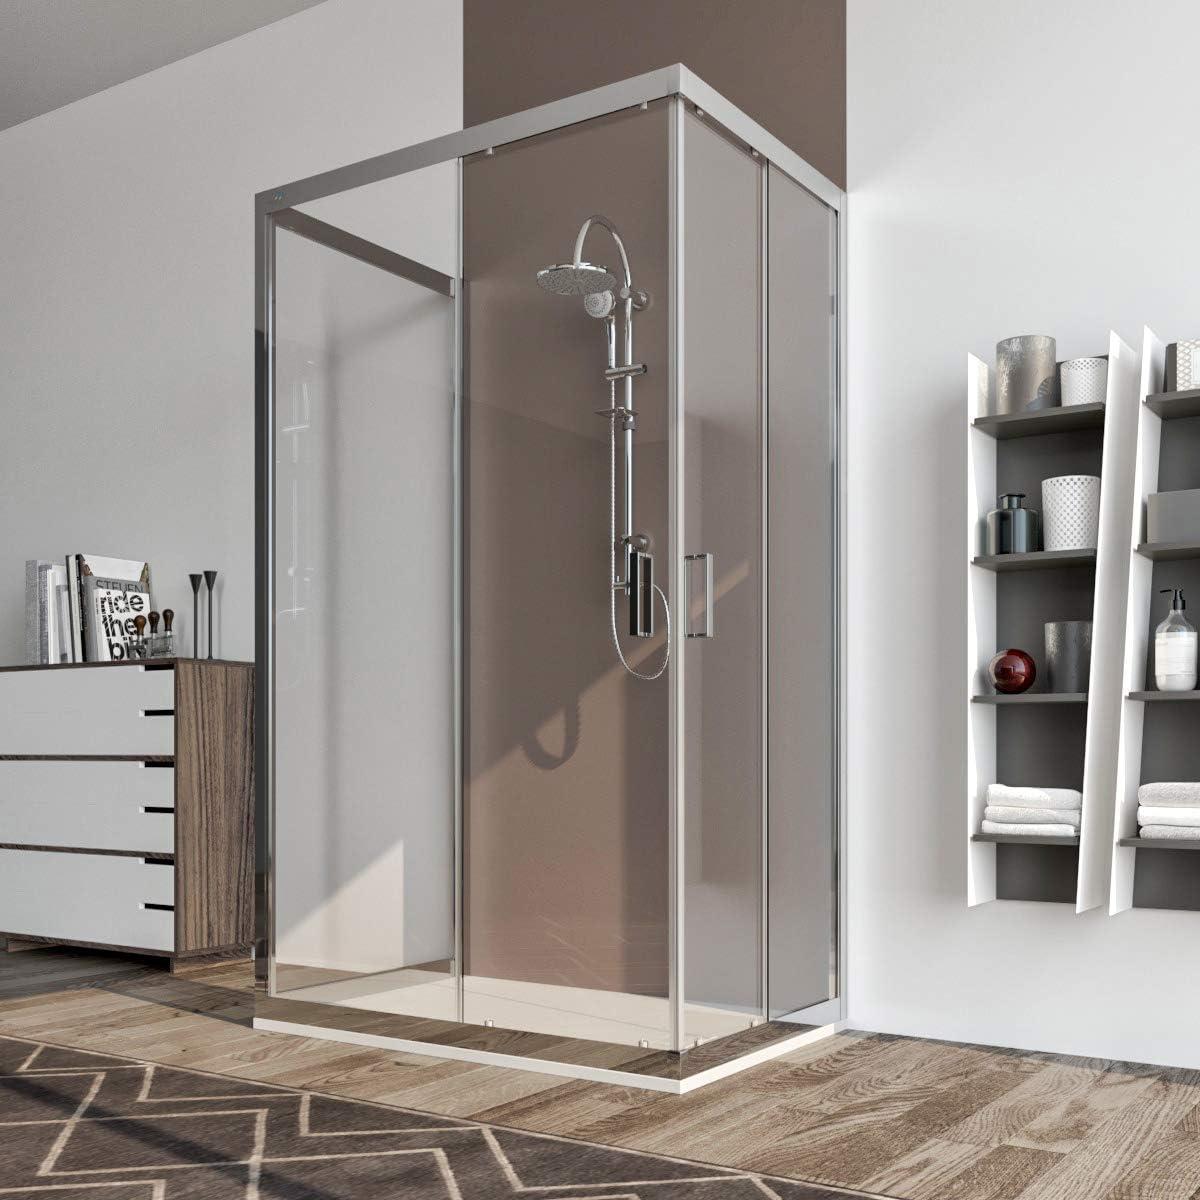 Cabina de ducha 3 lados 90 x 90 x 90 cm puerta corredera cristal antical transparente 6 mm. Palma: Amazon.es: Bricolaje y herramientas